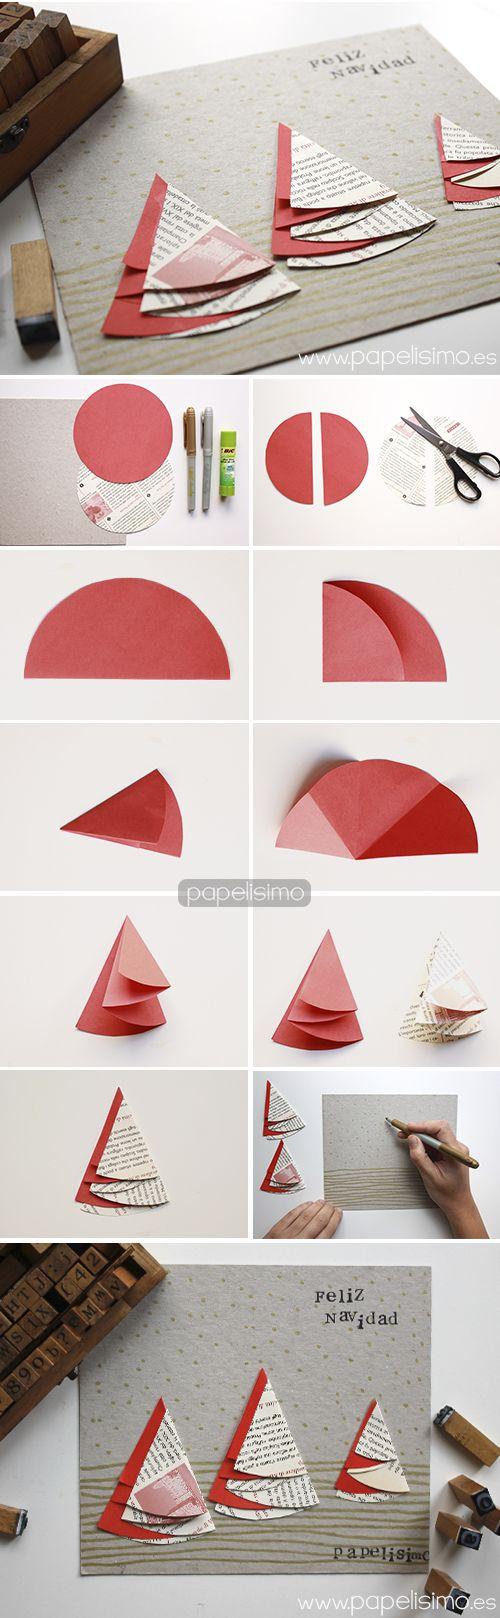 tarjetas de navidad hechas a mano originales arboles de papel reciclado scrapbooking navideño